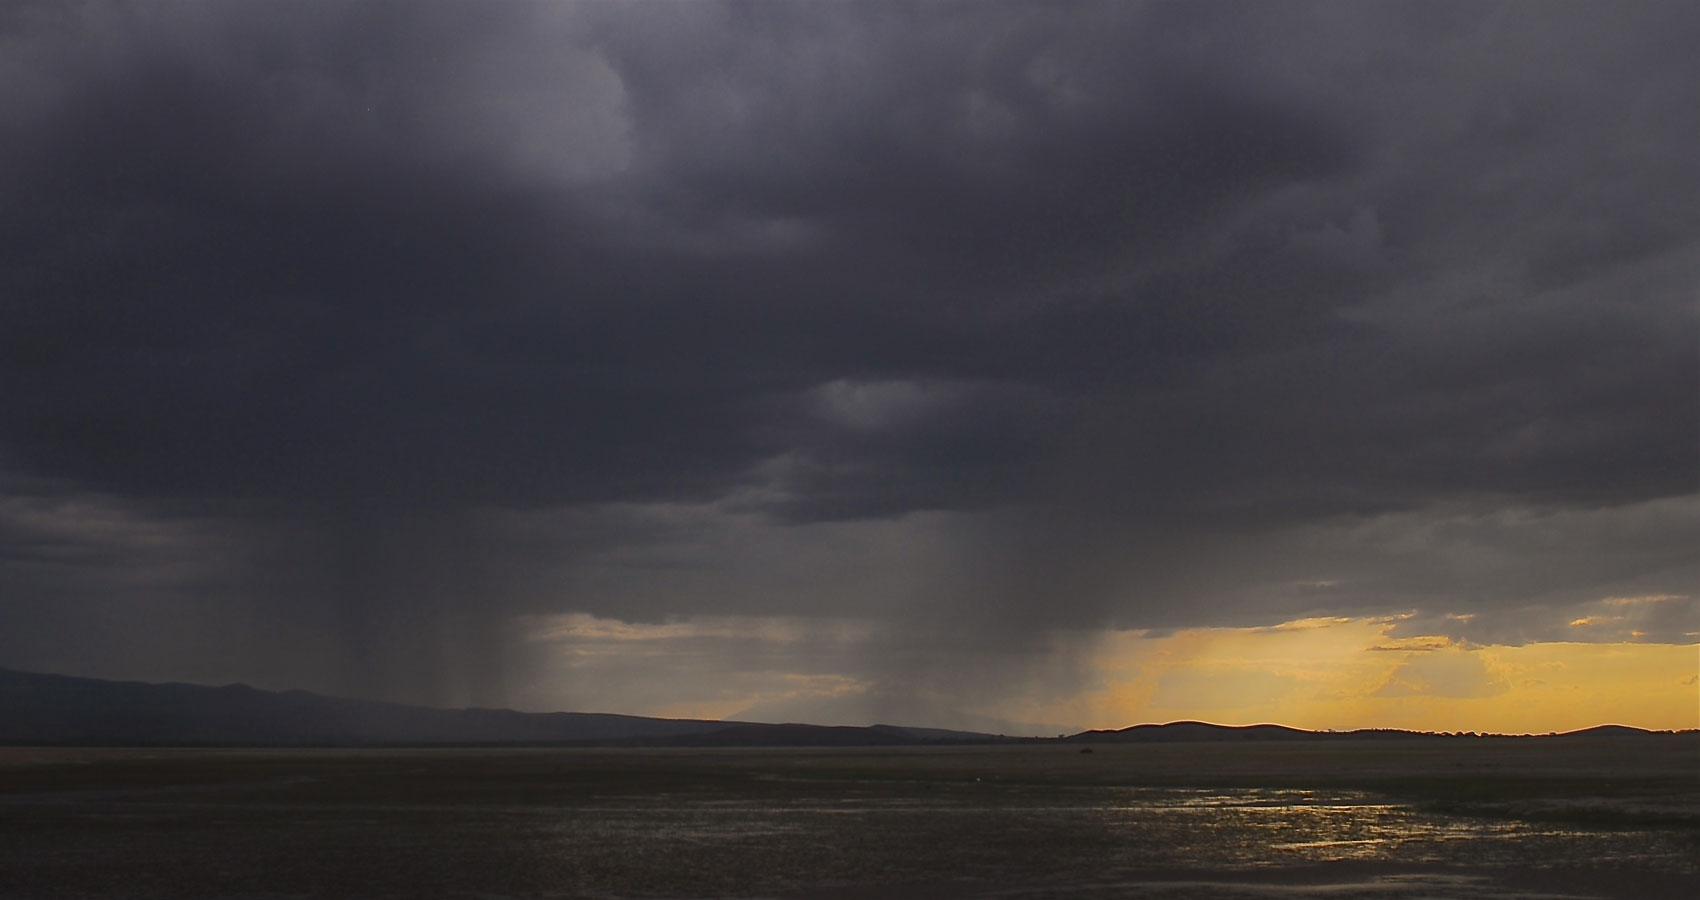 Rain, Rain a poem by Godwin Oyewole at Spillwords.com